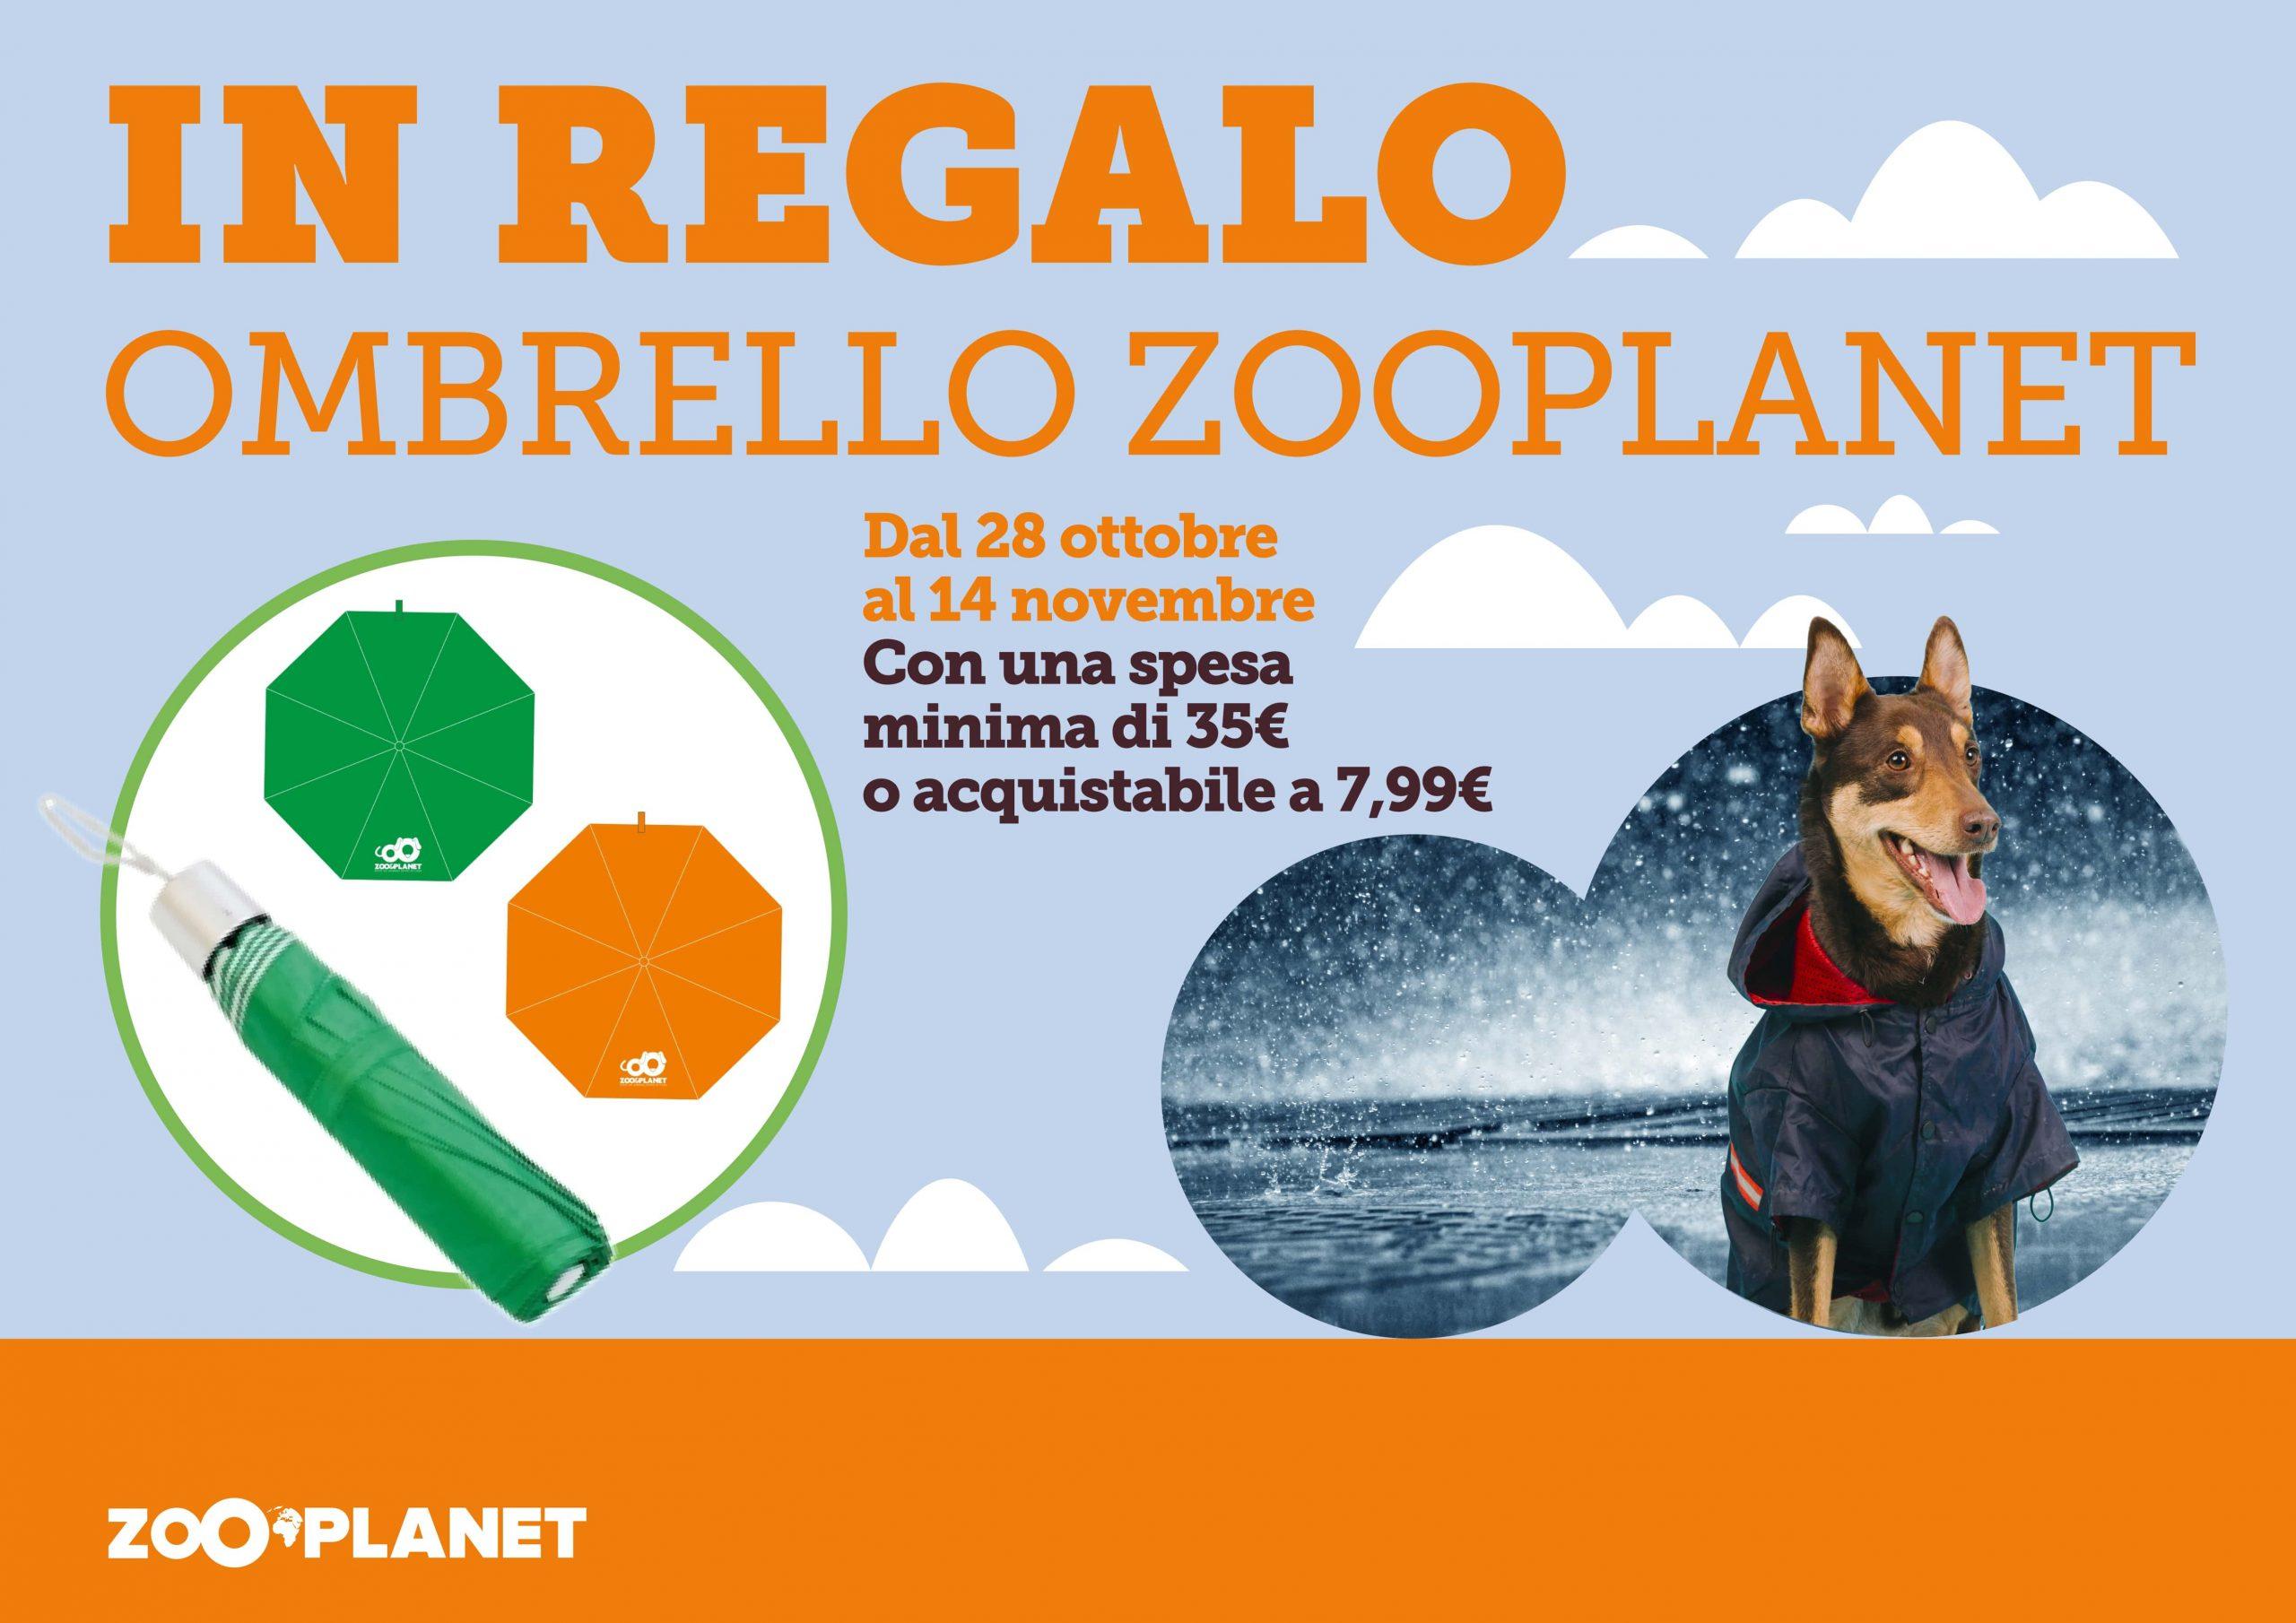 Ombrello Zooplanet